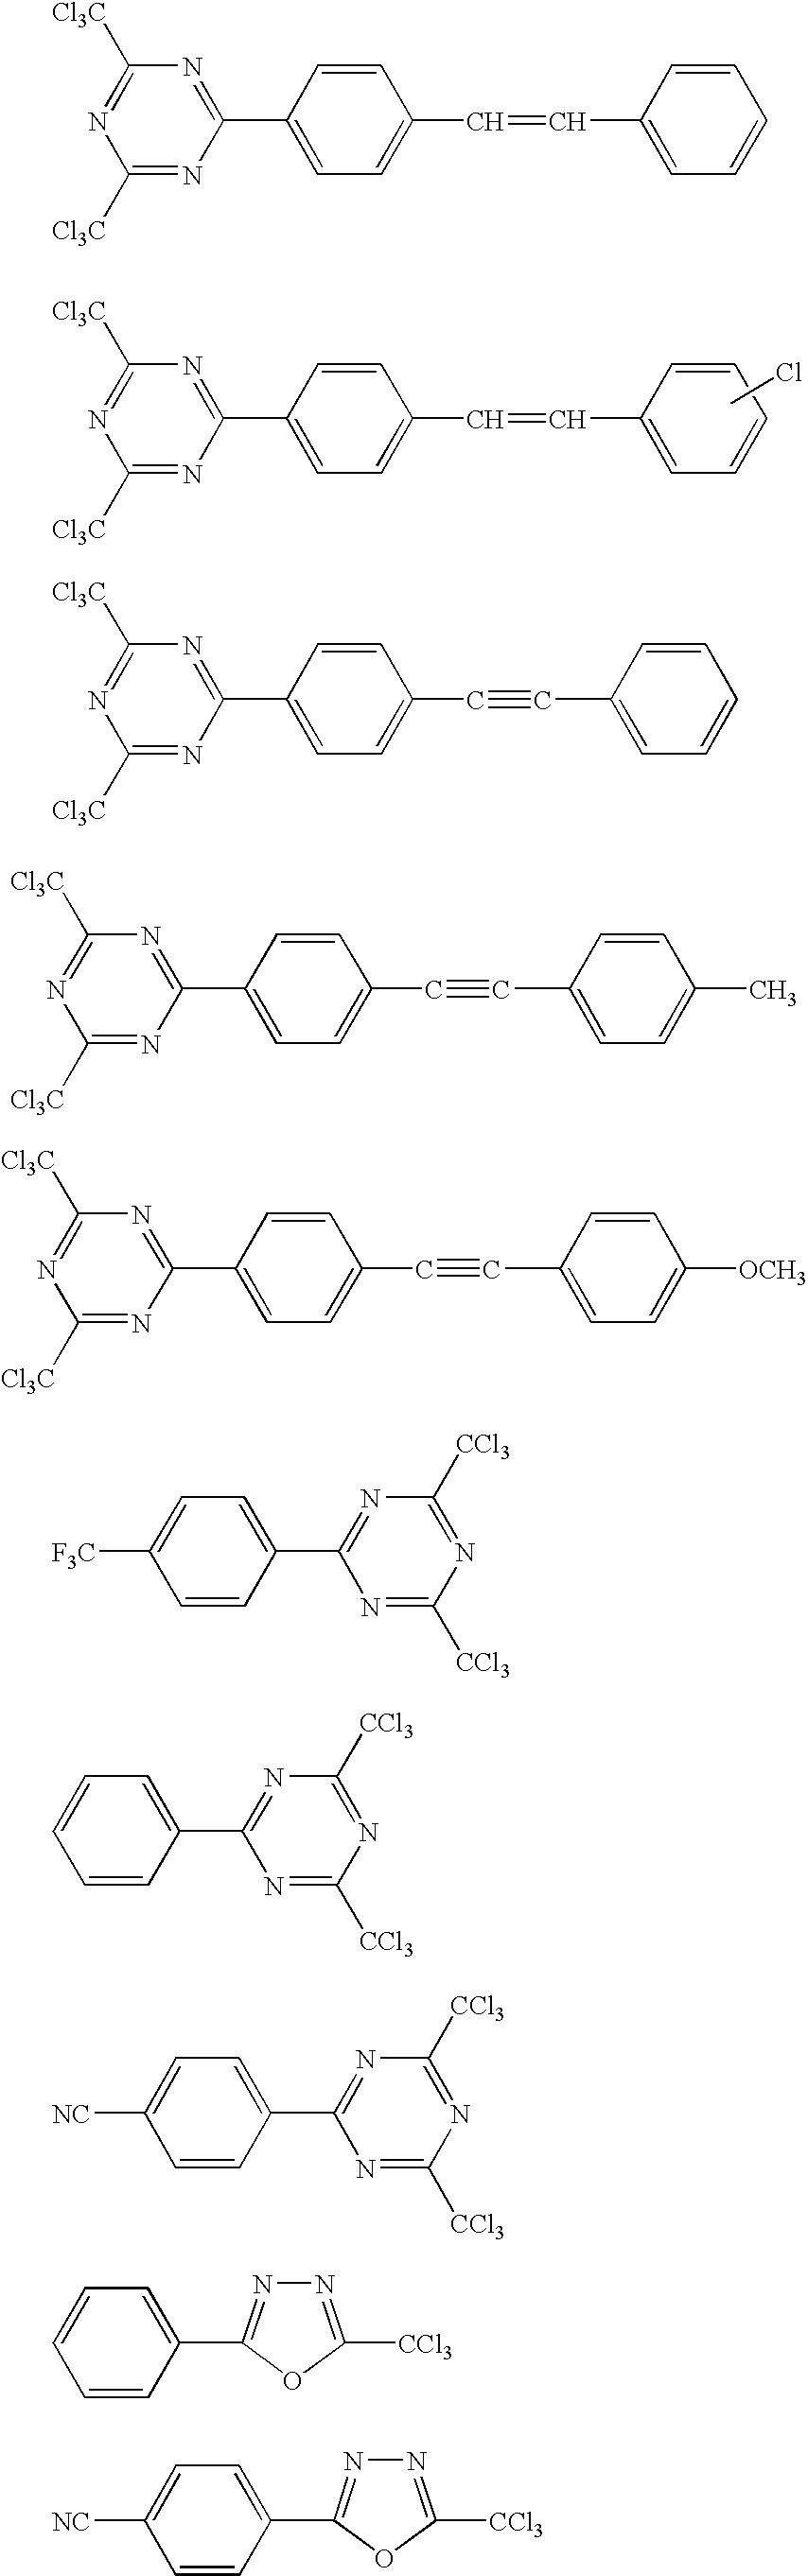 Figure US20090246653A1-20091001-C00175